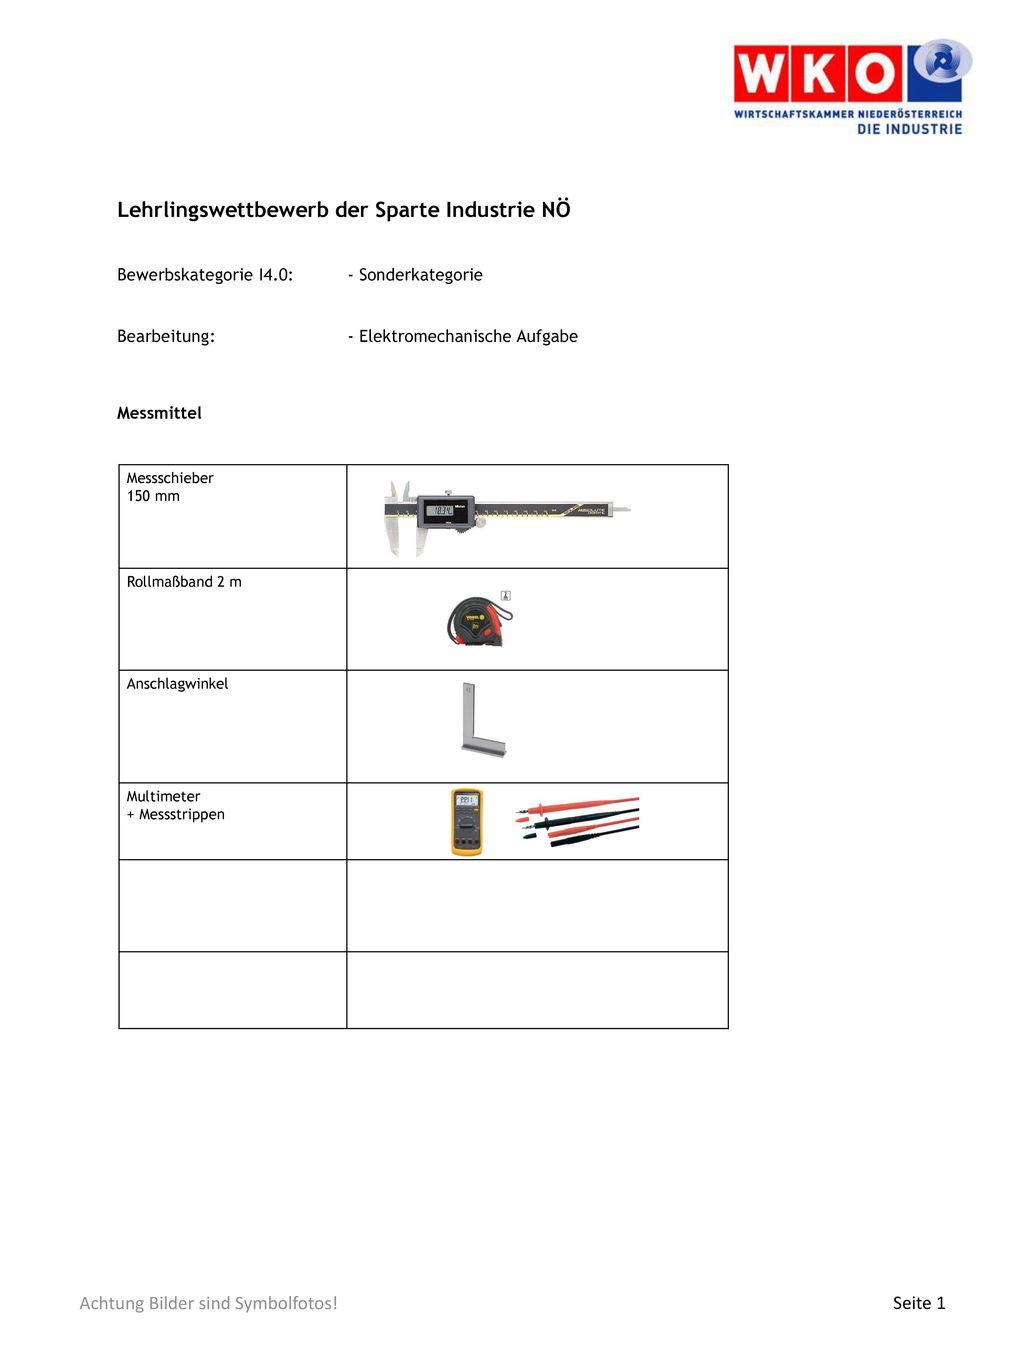 Lehrlingswettbewerb der Sparte Industrie NÖ